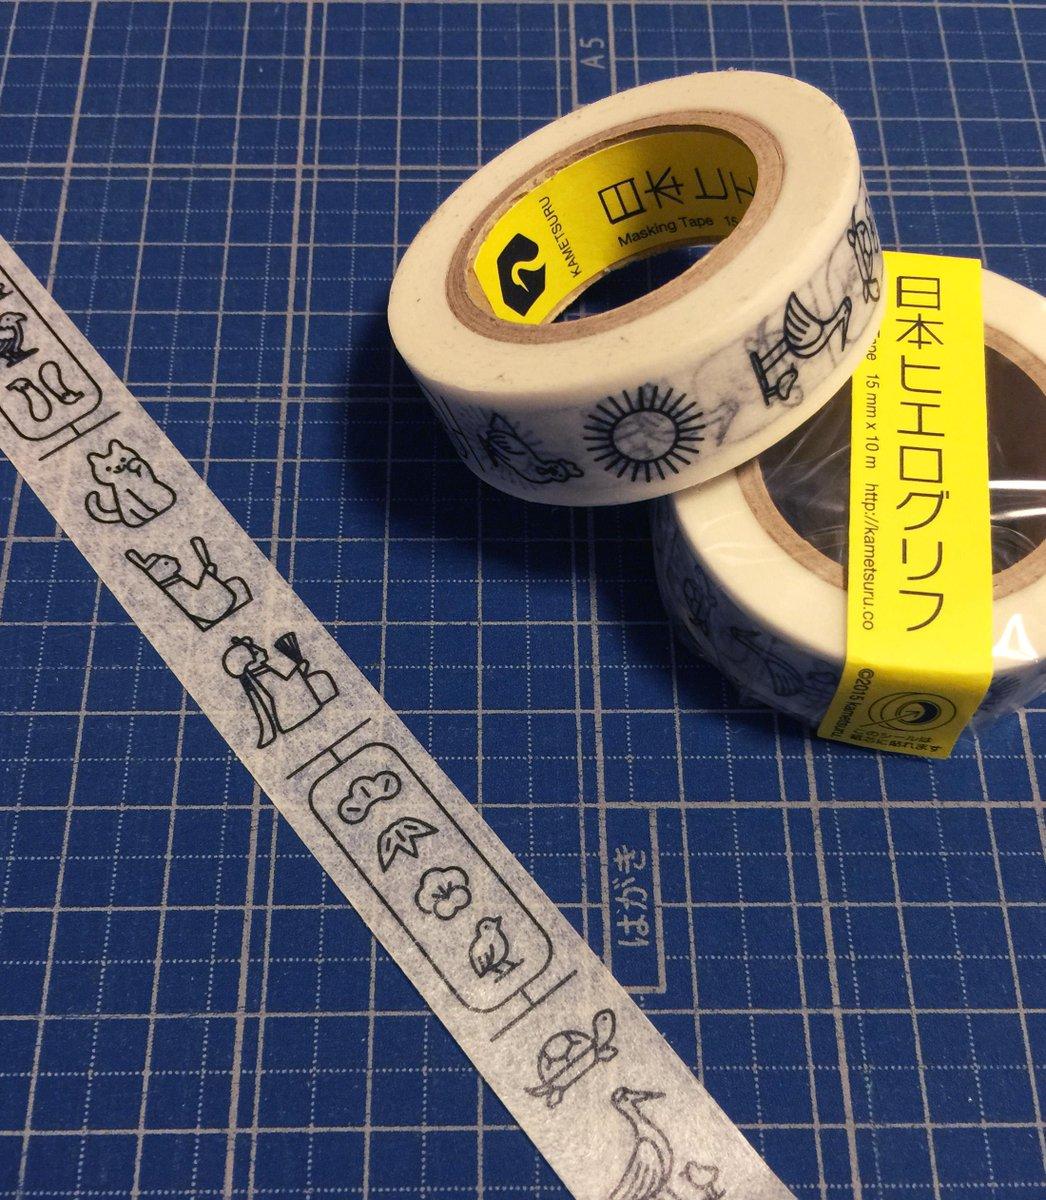 マスキングテープ、販売開始しましたー!どうぞよろしくお願い致しますー!>日本ヒエログリフ マスキングテープ   kametsuru https://t.co/6vCrwBnduK http://t.co/a1rN5wSjkx